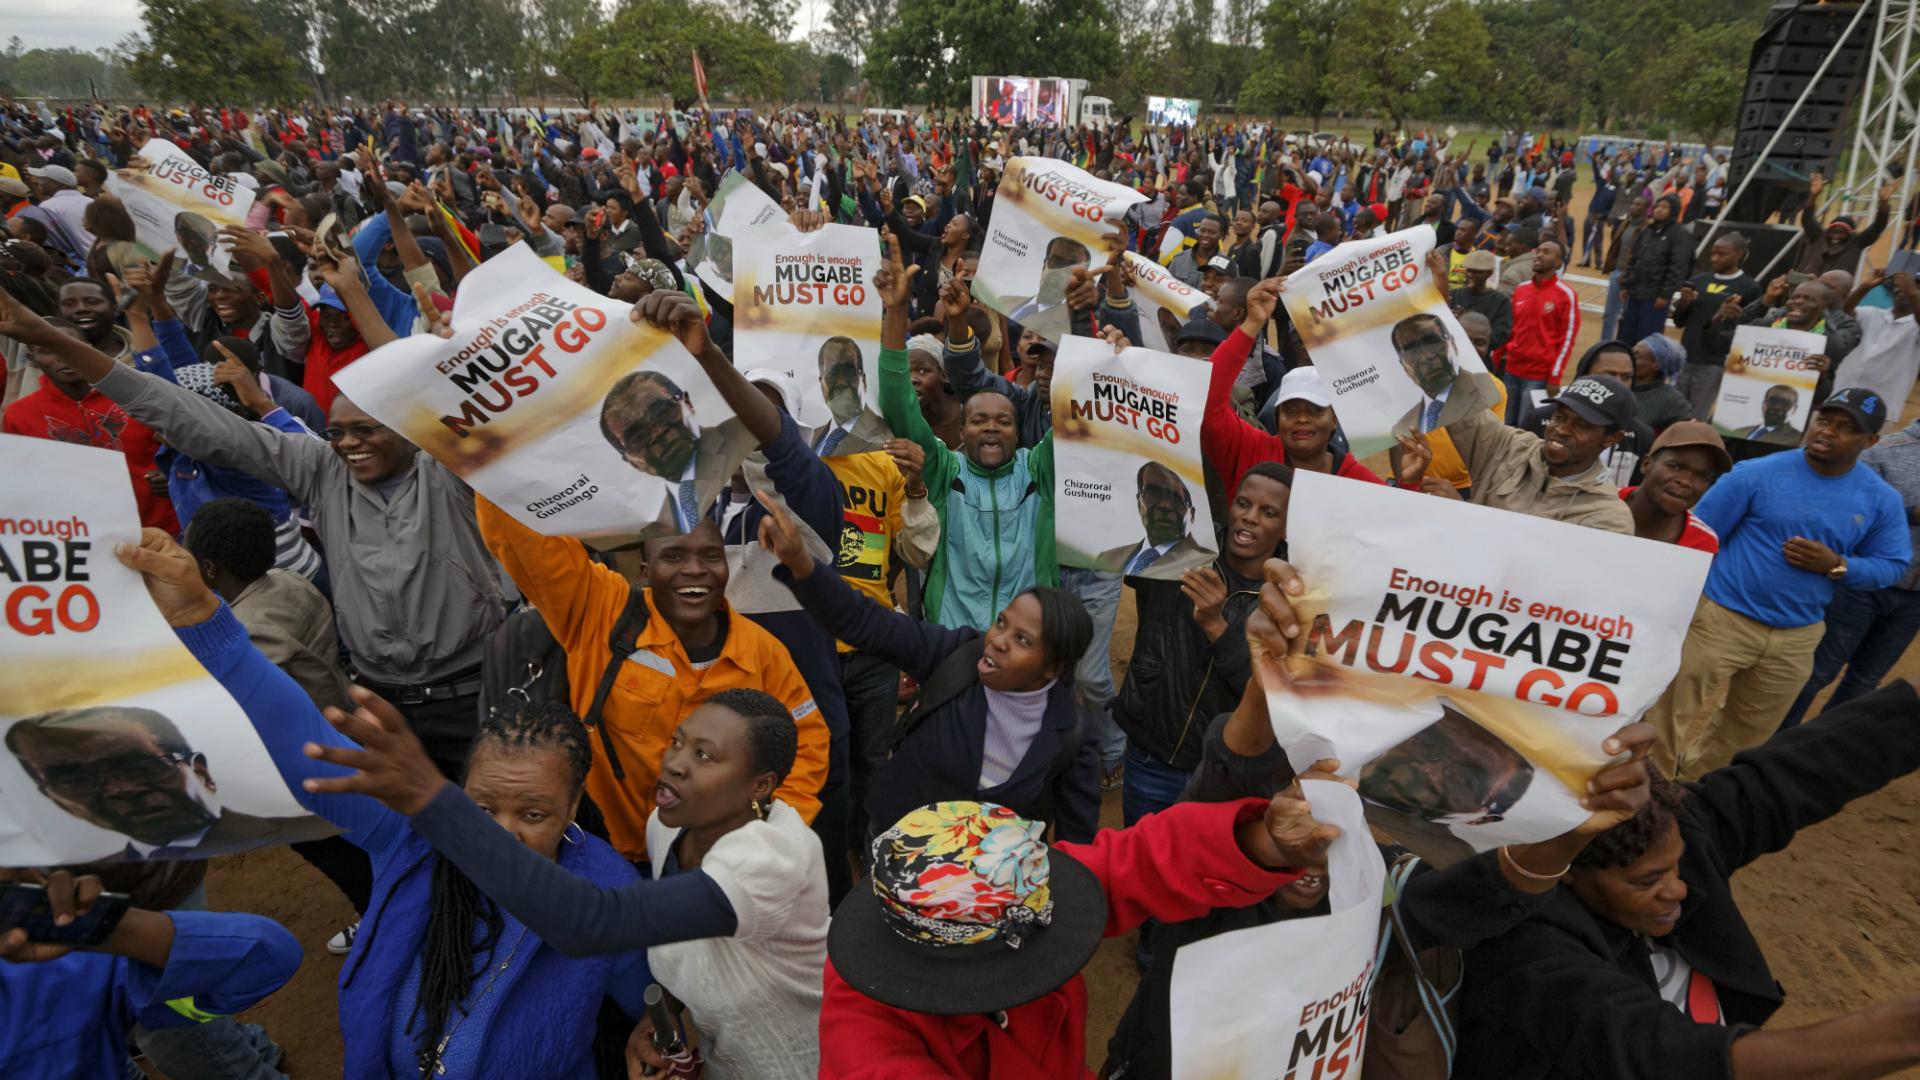 Miles de personas salieron a protestar para pedir la renuncia de Mugabe. (AP)